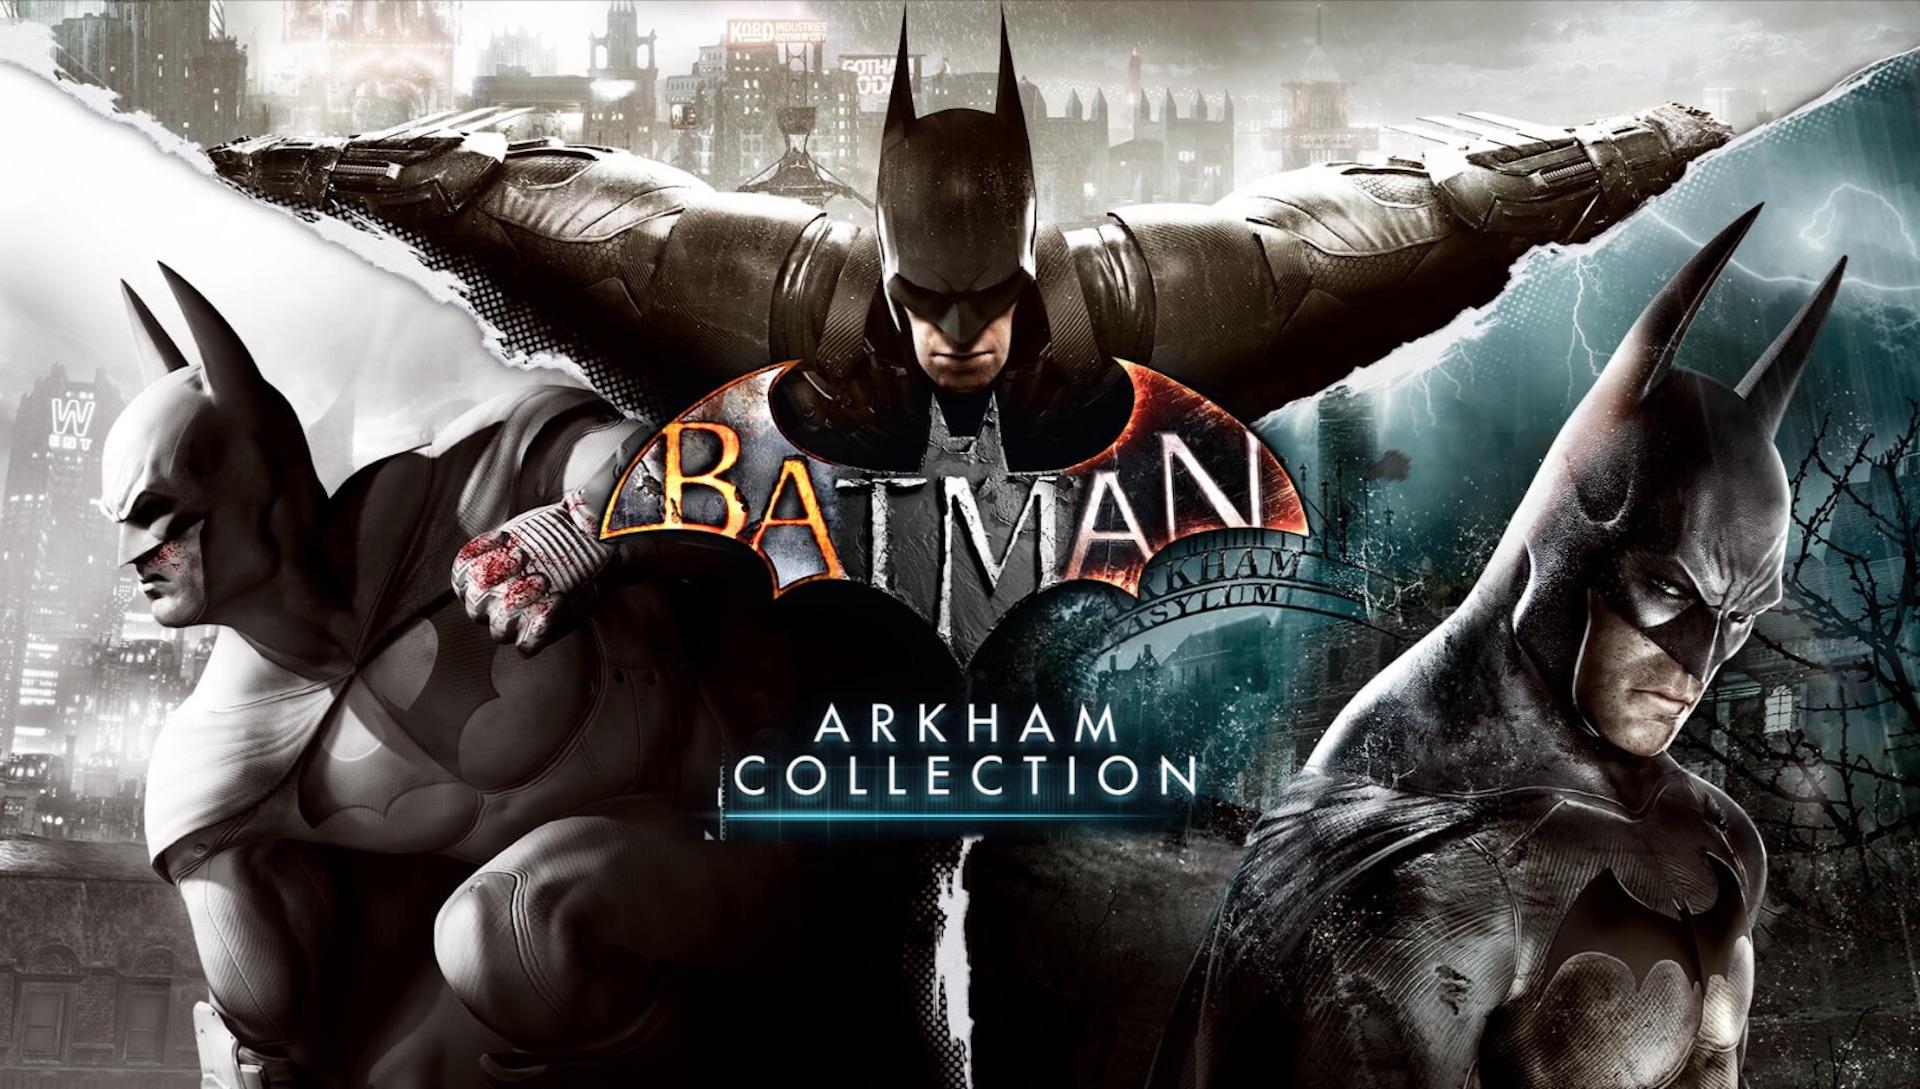 Vous aimez Batman ? Vous aimez les jeux vidéo gratuits ? Vous aimerez l'Epic Games Store cette semaine